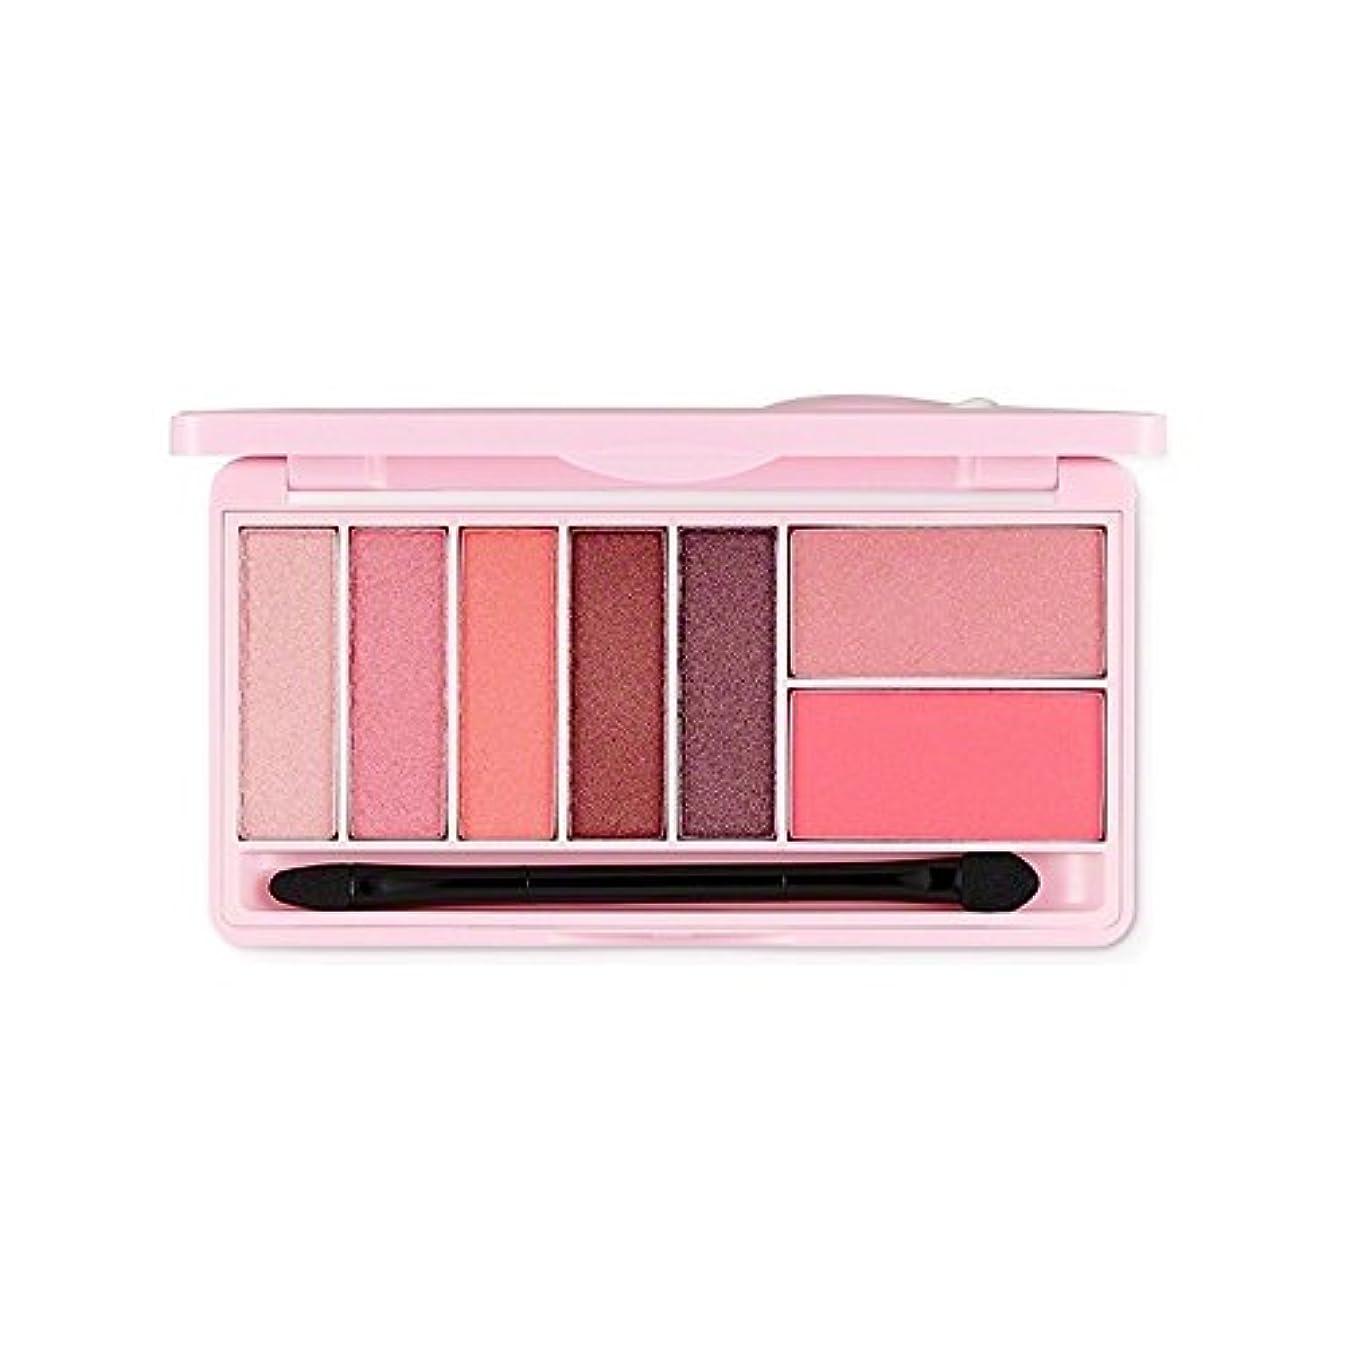 ショートアーサーコナンドイル融合The Face Shop スウィートアペックチャーモノポップアイズ Kakao FriendsThe Face Shop Sweet Apeach Mono Pop Eyes 9.5g/甘いアペサート (Pink Winking) [並行輸入品]